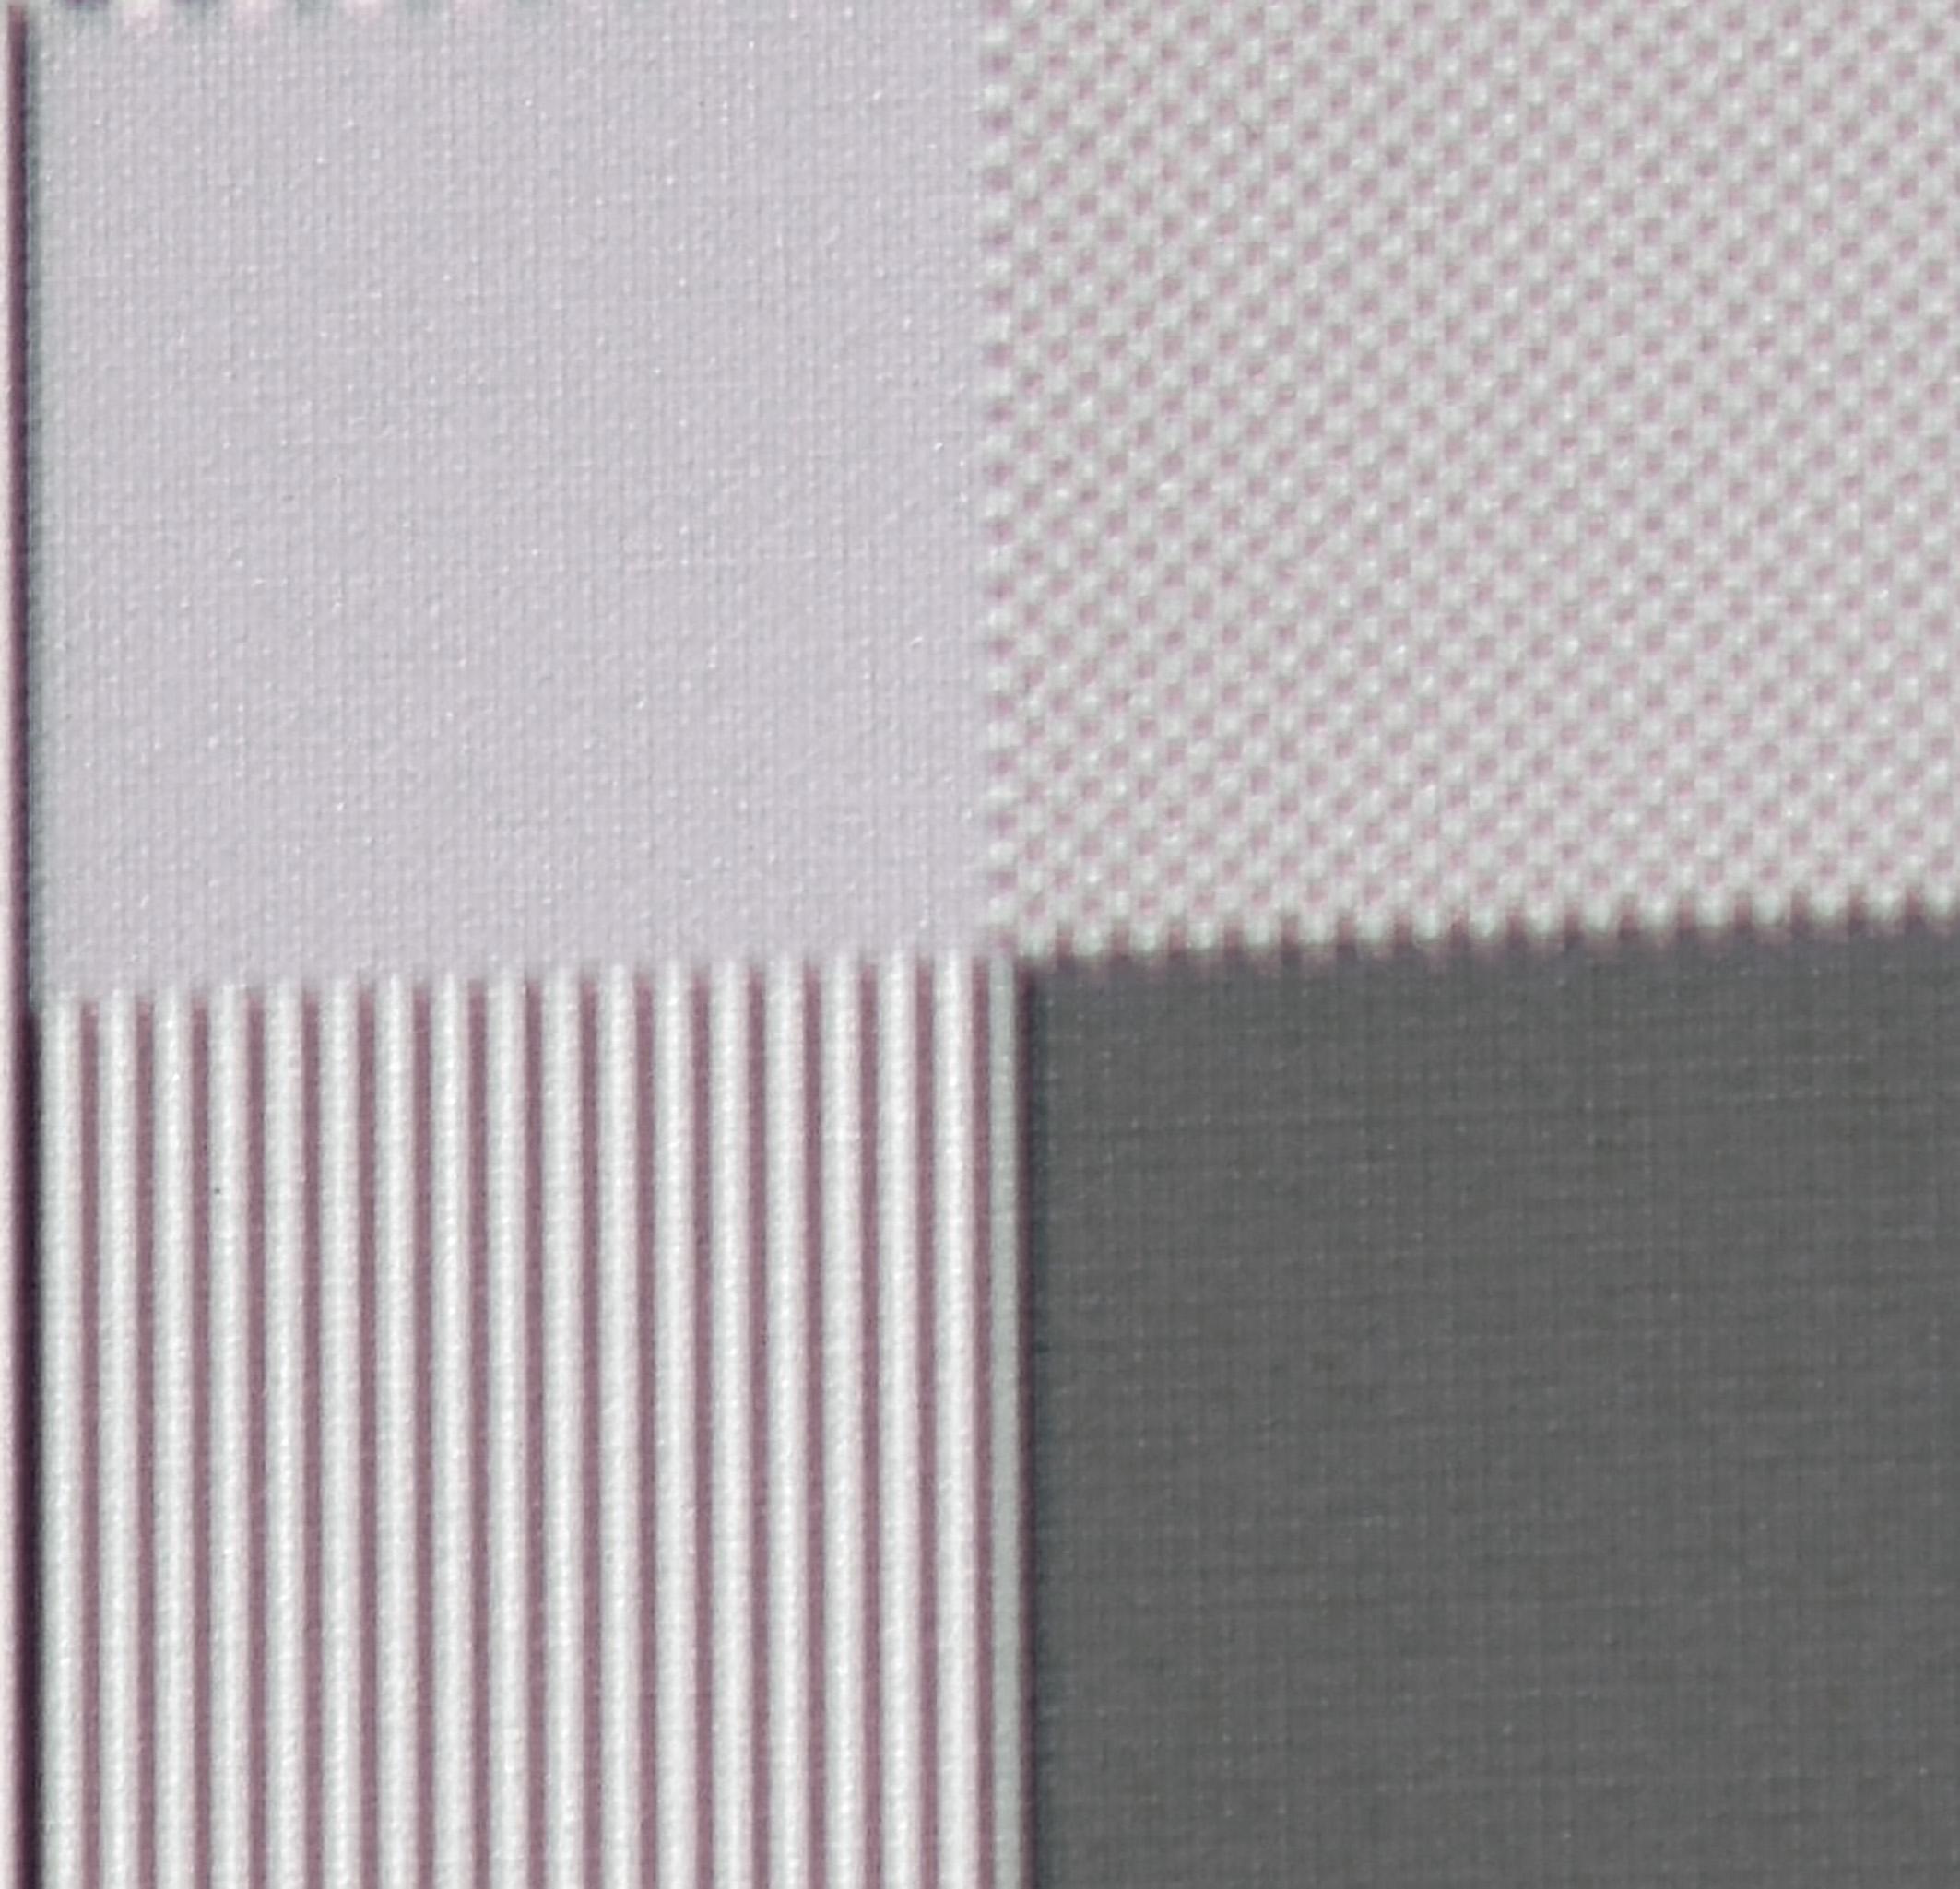 UHD-Pixelauflösung Zur Veranschaulichung der Arbeitsweise der XPR-Shift-Technologie habe ich diese Makroaufnahme gemacht. Ein einziger UHD-Pixel ist gerade mal ¼ so groß wie ein Full-HD-Pixel. Links oben ist im Original ein Schachbrett mit schwarzen und weißen Feldern abgebildet. Via XPR-Shift-Technik werden einzelne UHD-Pixel leicht übereinander gelegt. Das führt zu einer grauen Fläche, während Full-HD-Pixel (rechts oben) vollständig abgebildet werden.